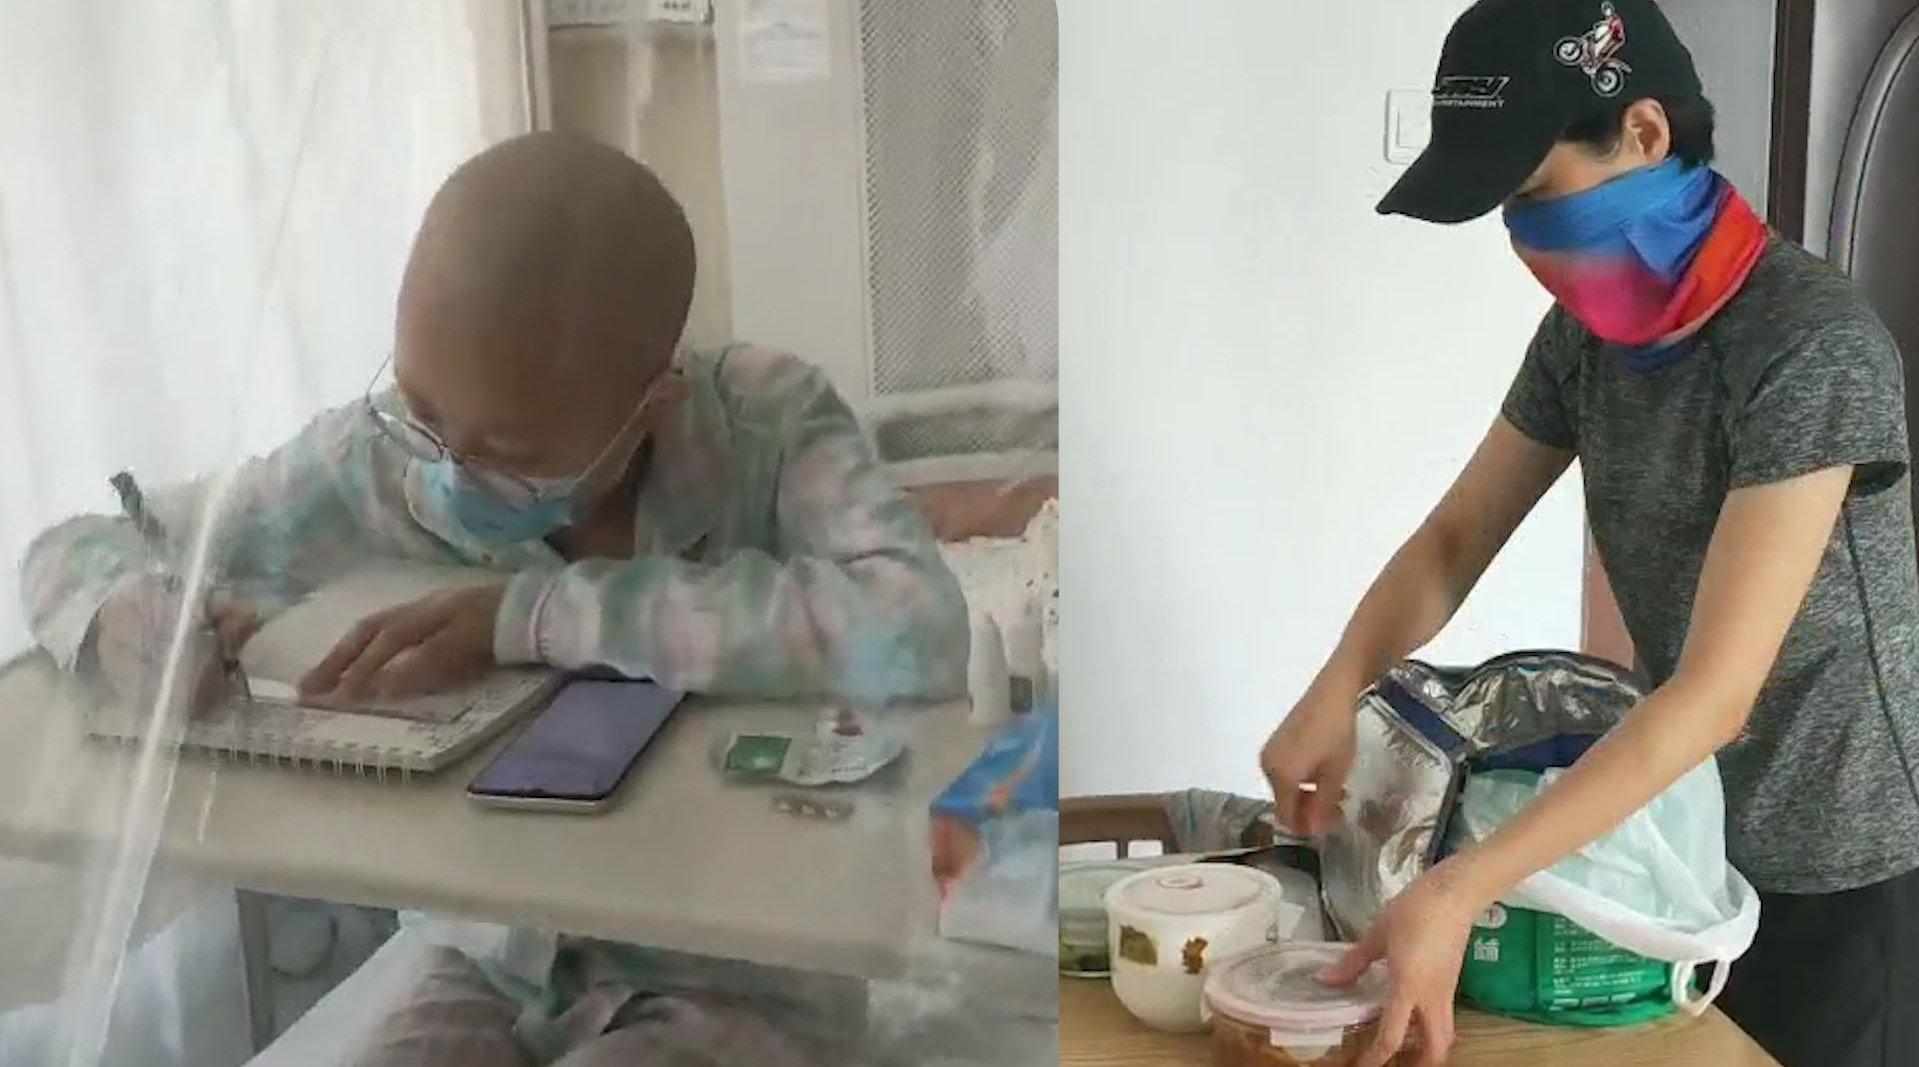 12岁单亲女孩患血癌妈妈不敢哭  父亲爷爷相继过世